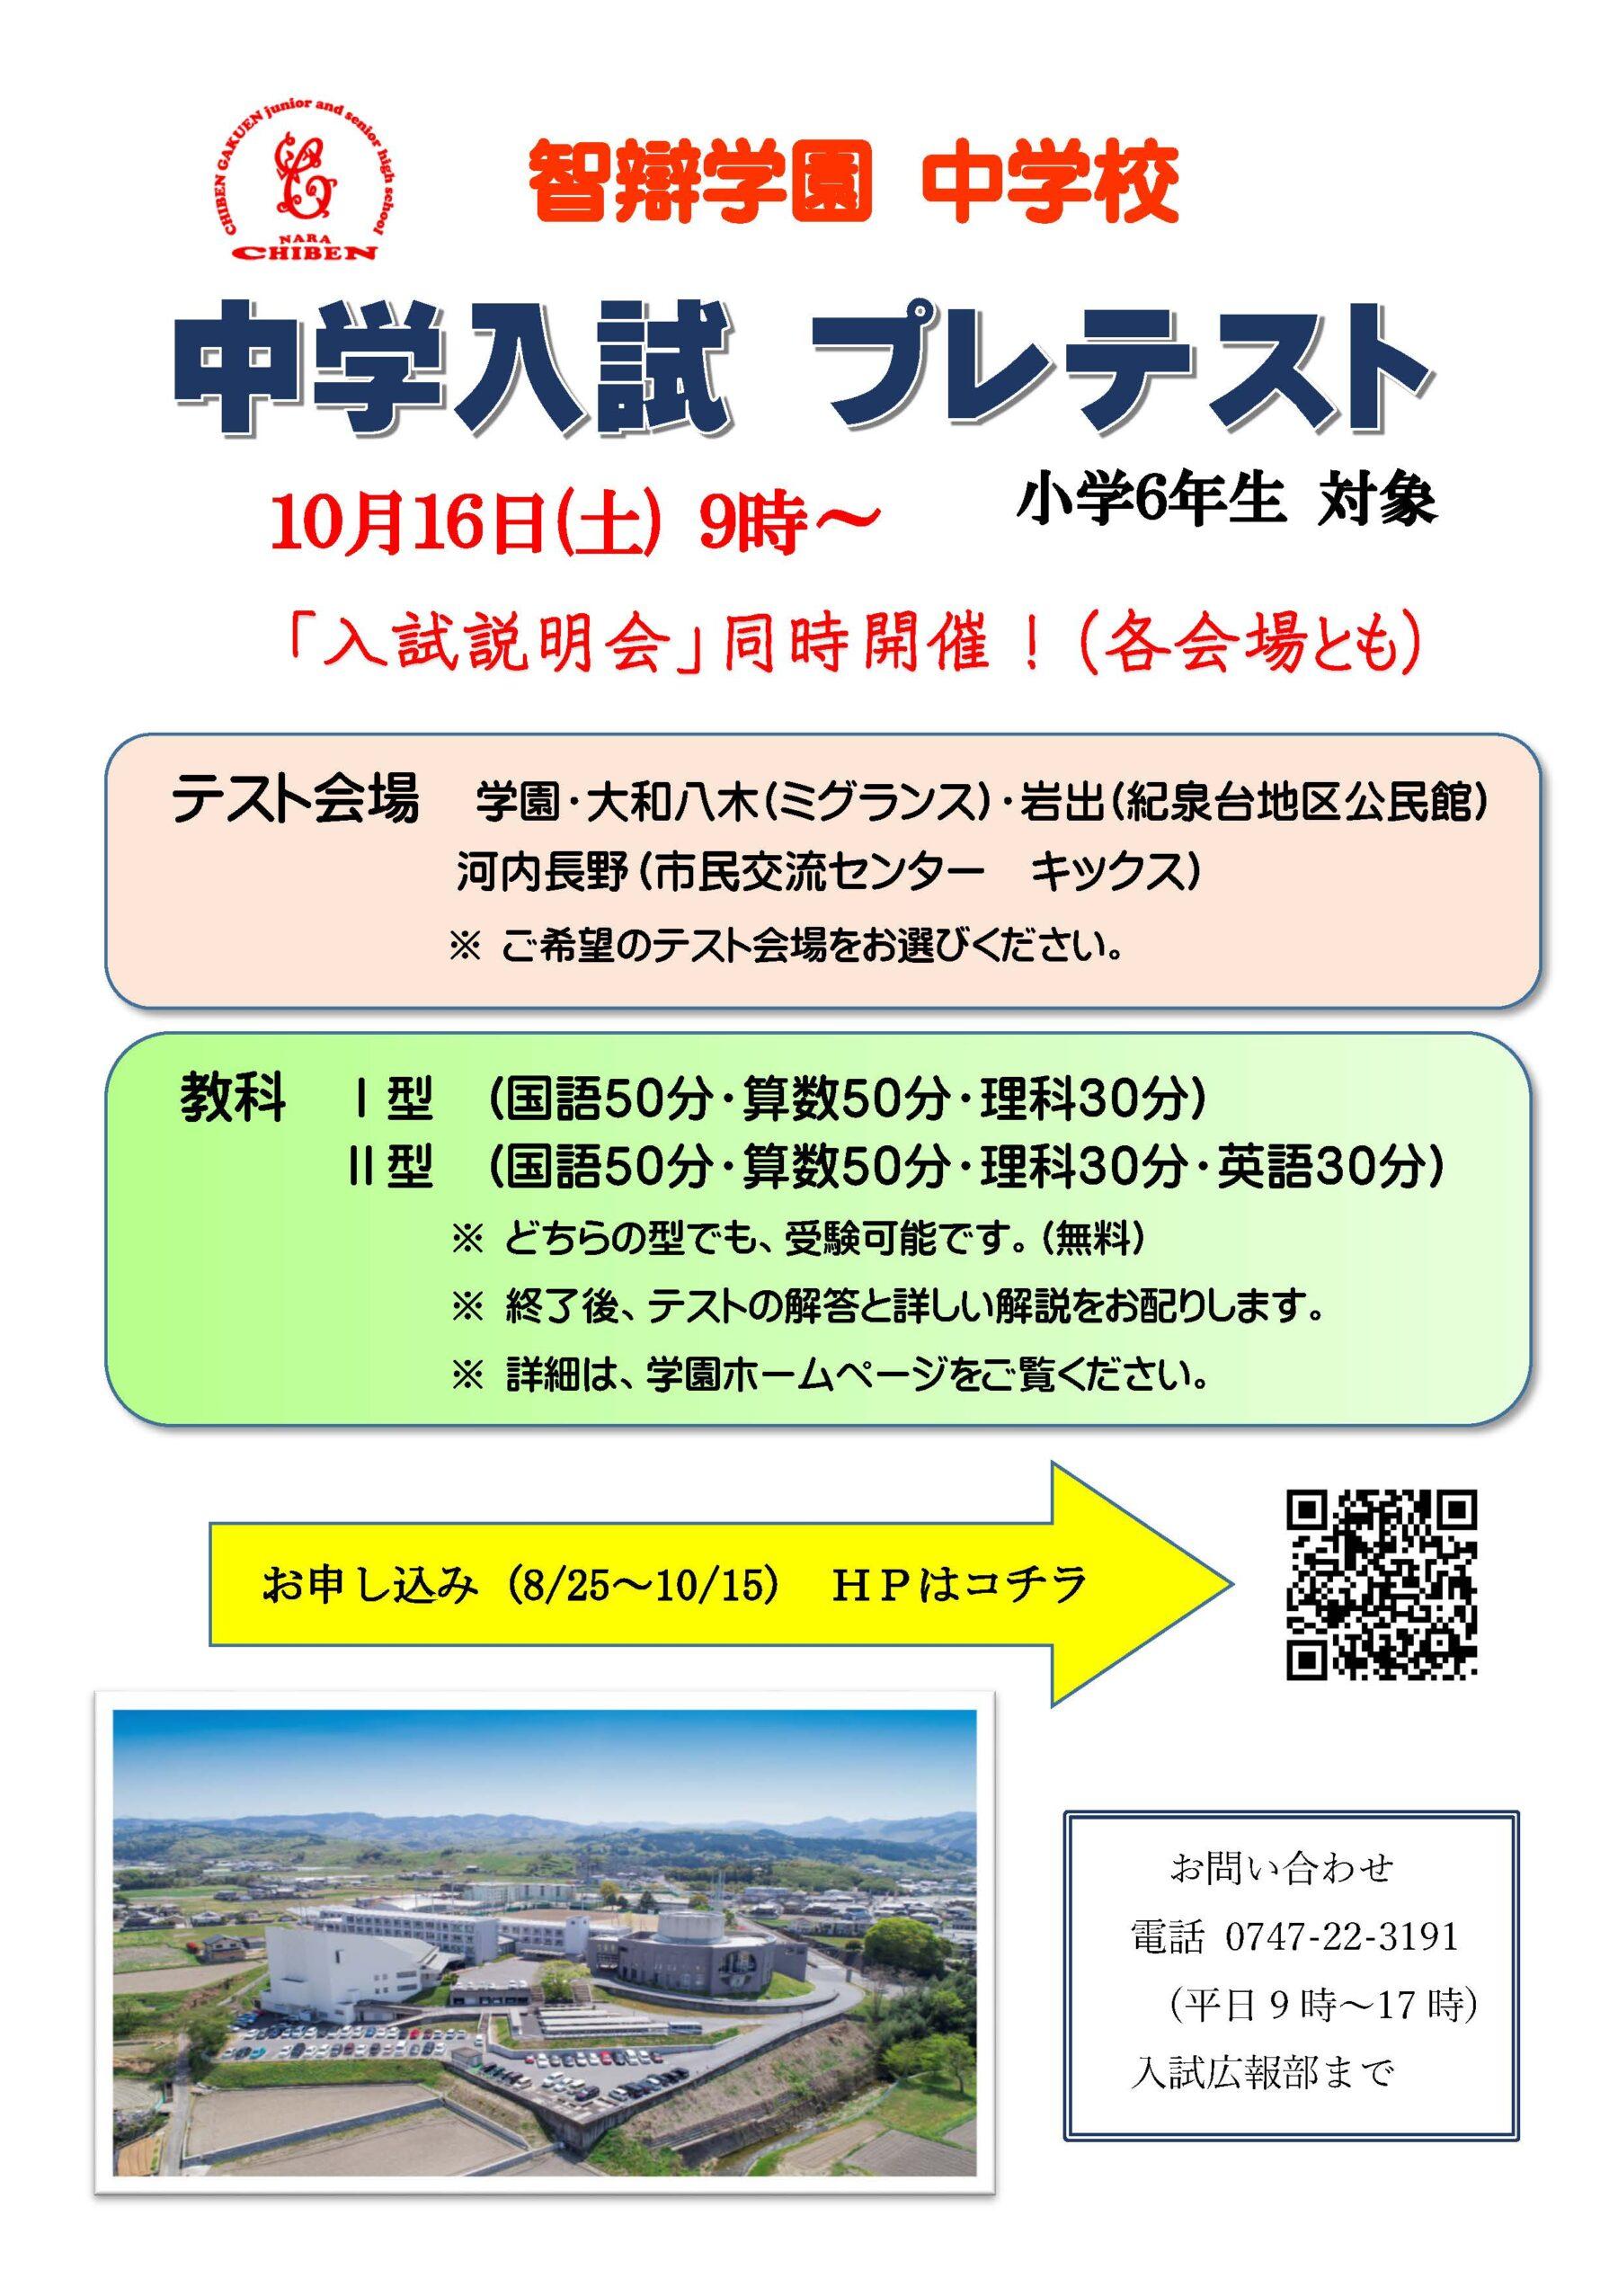 【中学校】「 中学入試プレテスト(10/16実施・無料)」申し込み受付中です。